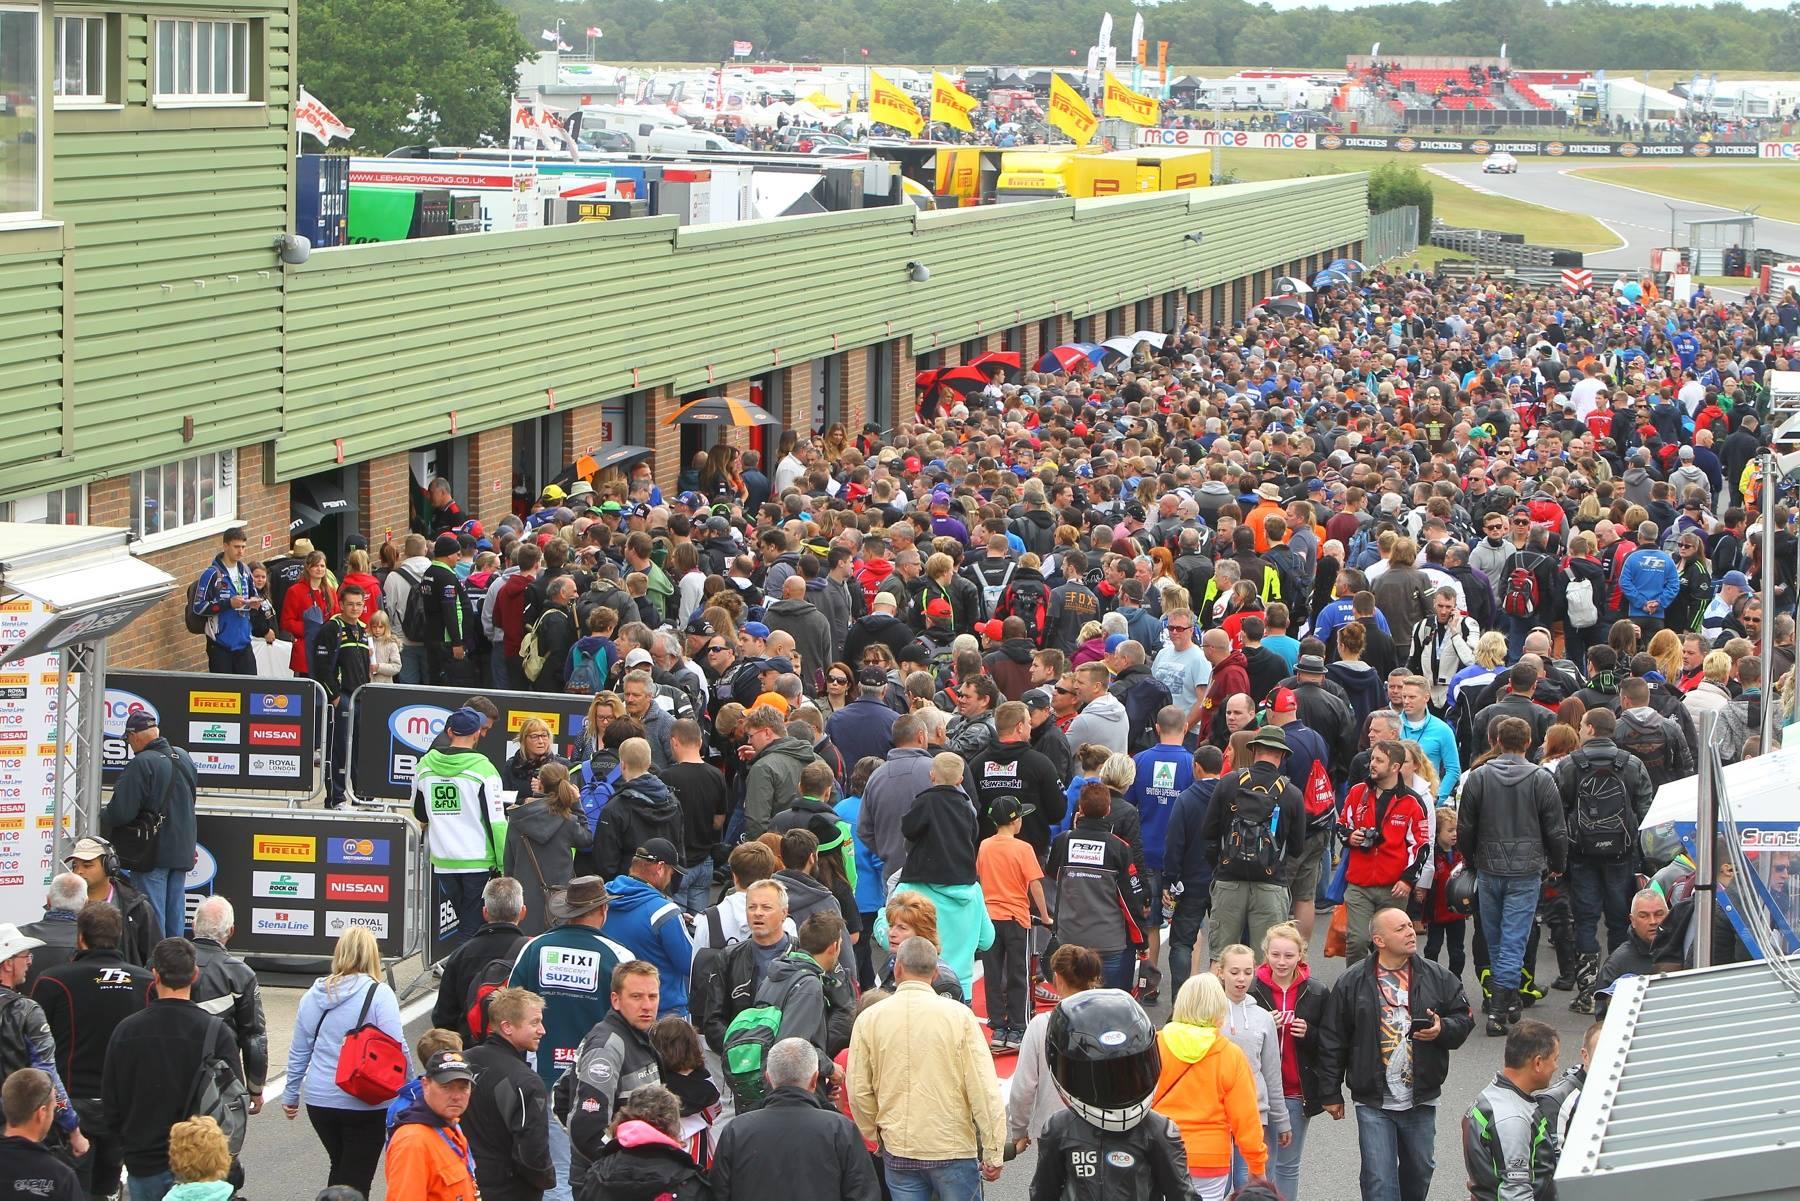 De BSB races worden altijd door een hoop publiek bezocht.